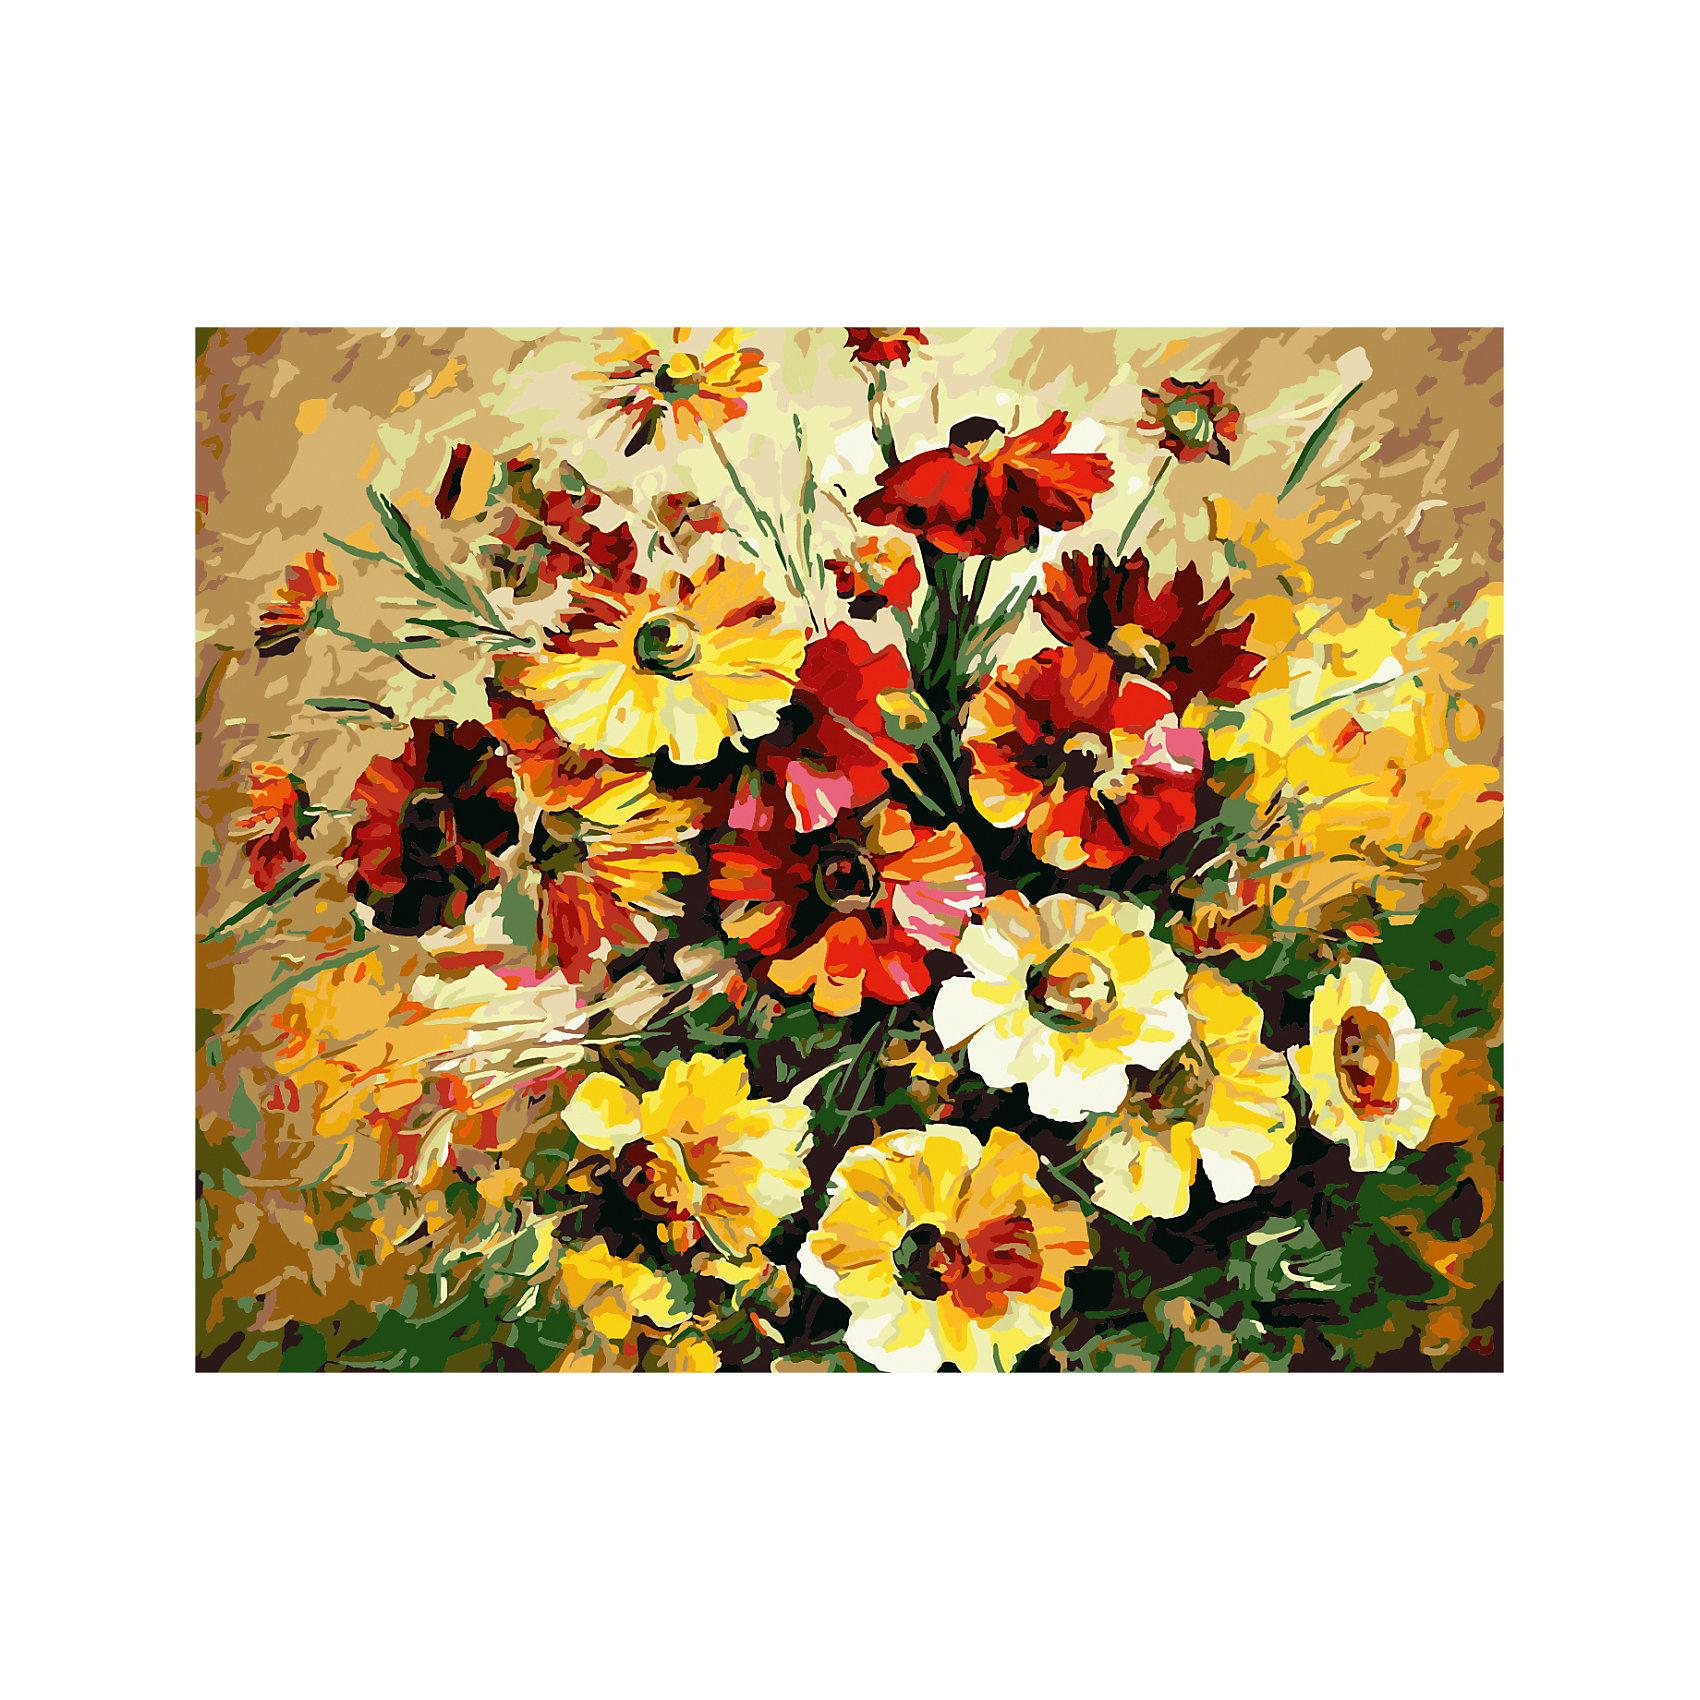 TUKZAR Роспись по номерам Красно-желтый букет 40*50 см наборы для рисования цветной картины по номерам букет романтики